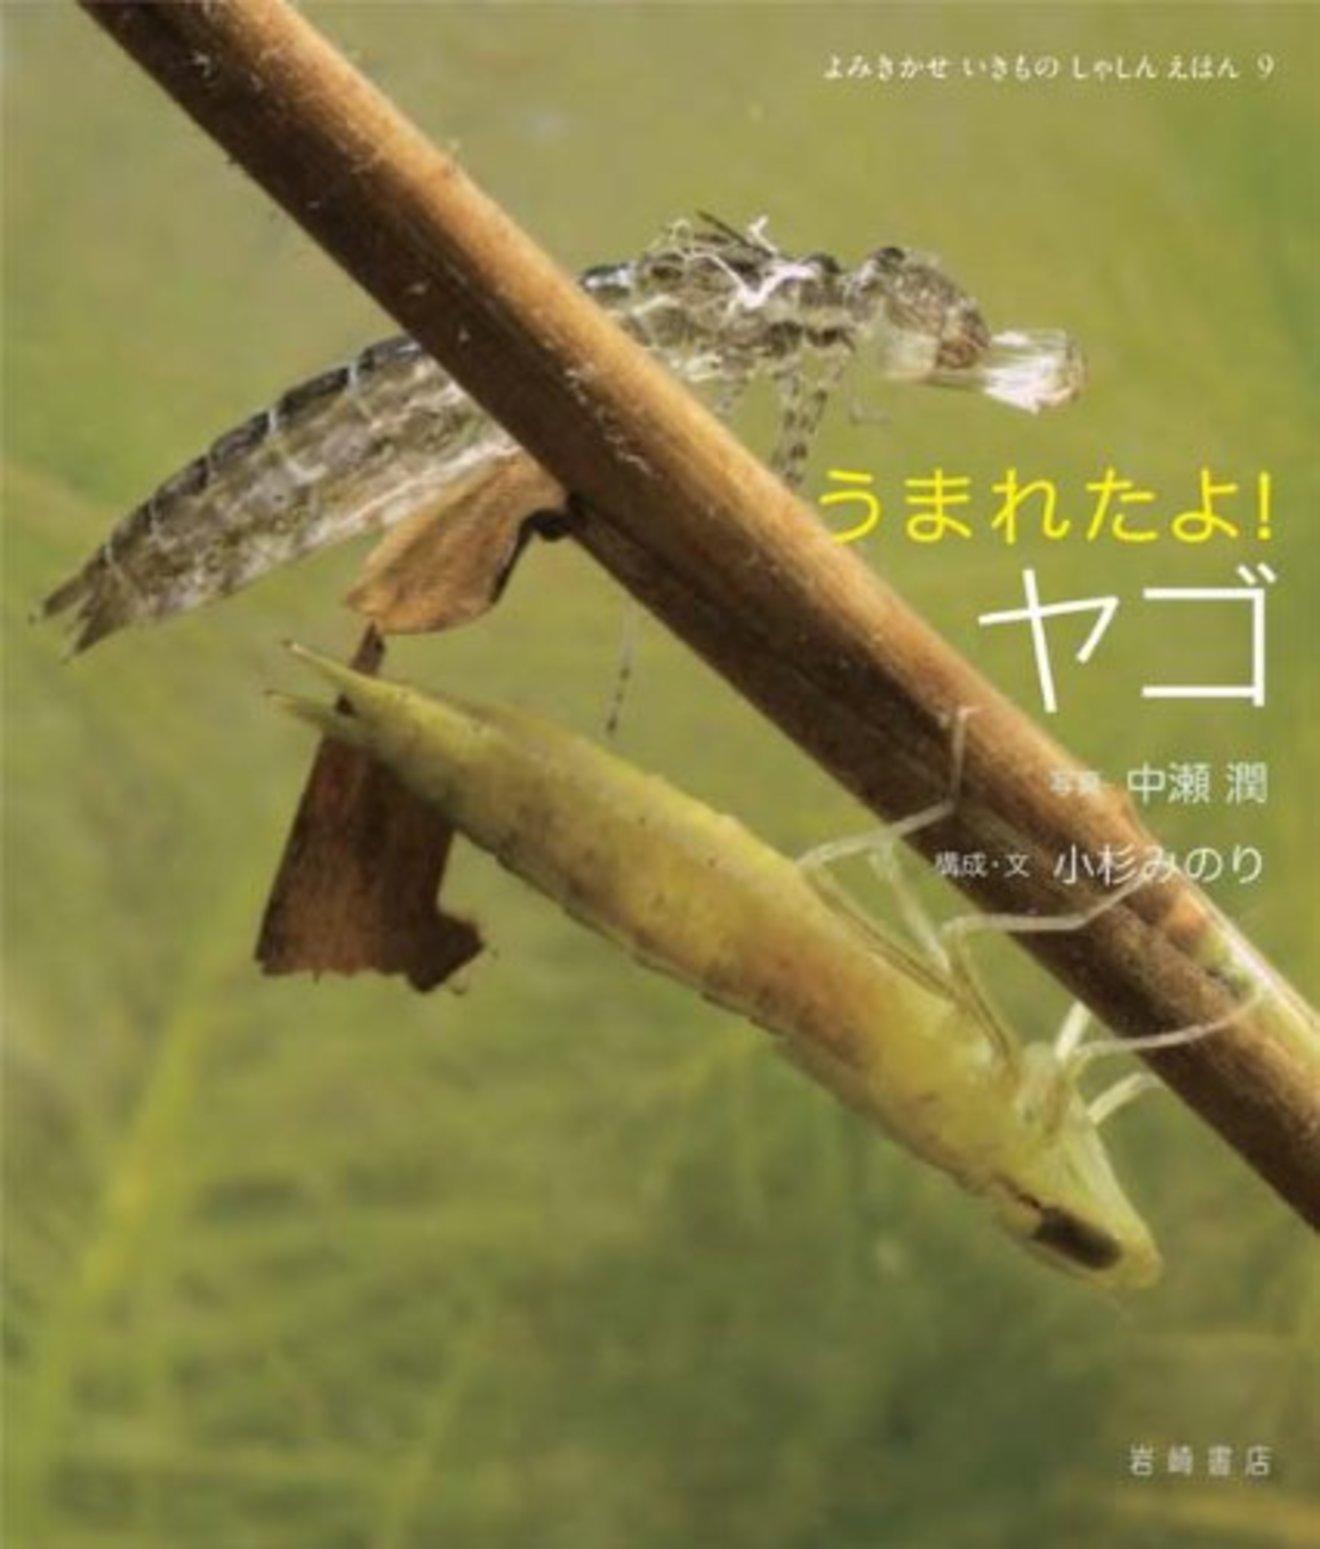 5分でわかるヤゴの生態!種類ごとの特徴、成長過程、飼育方法などを解説